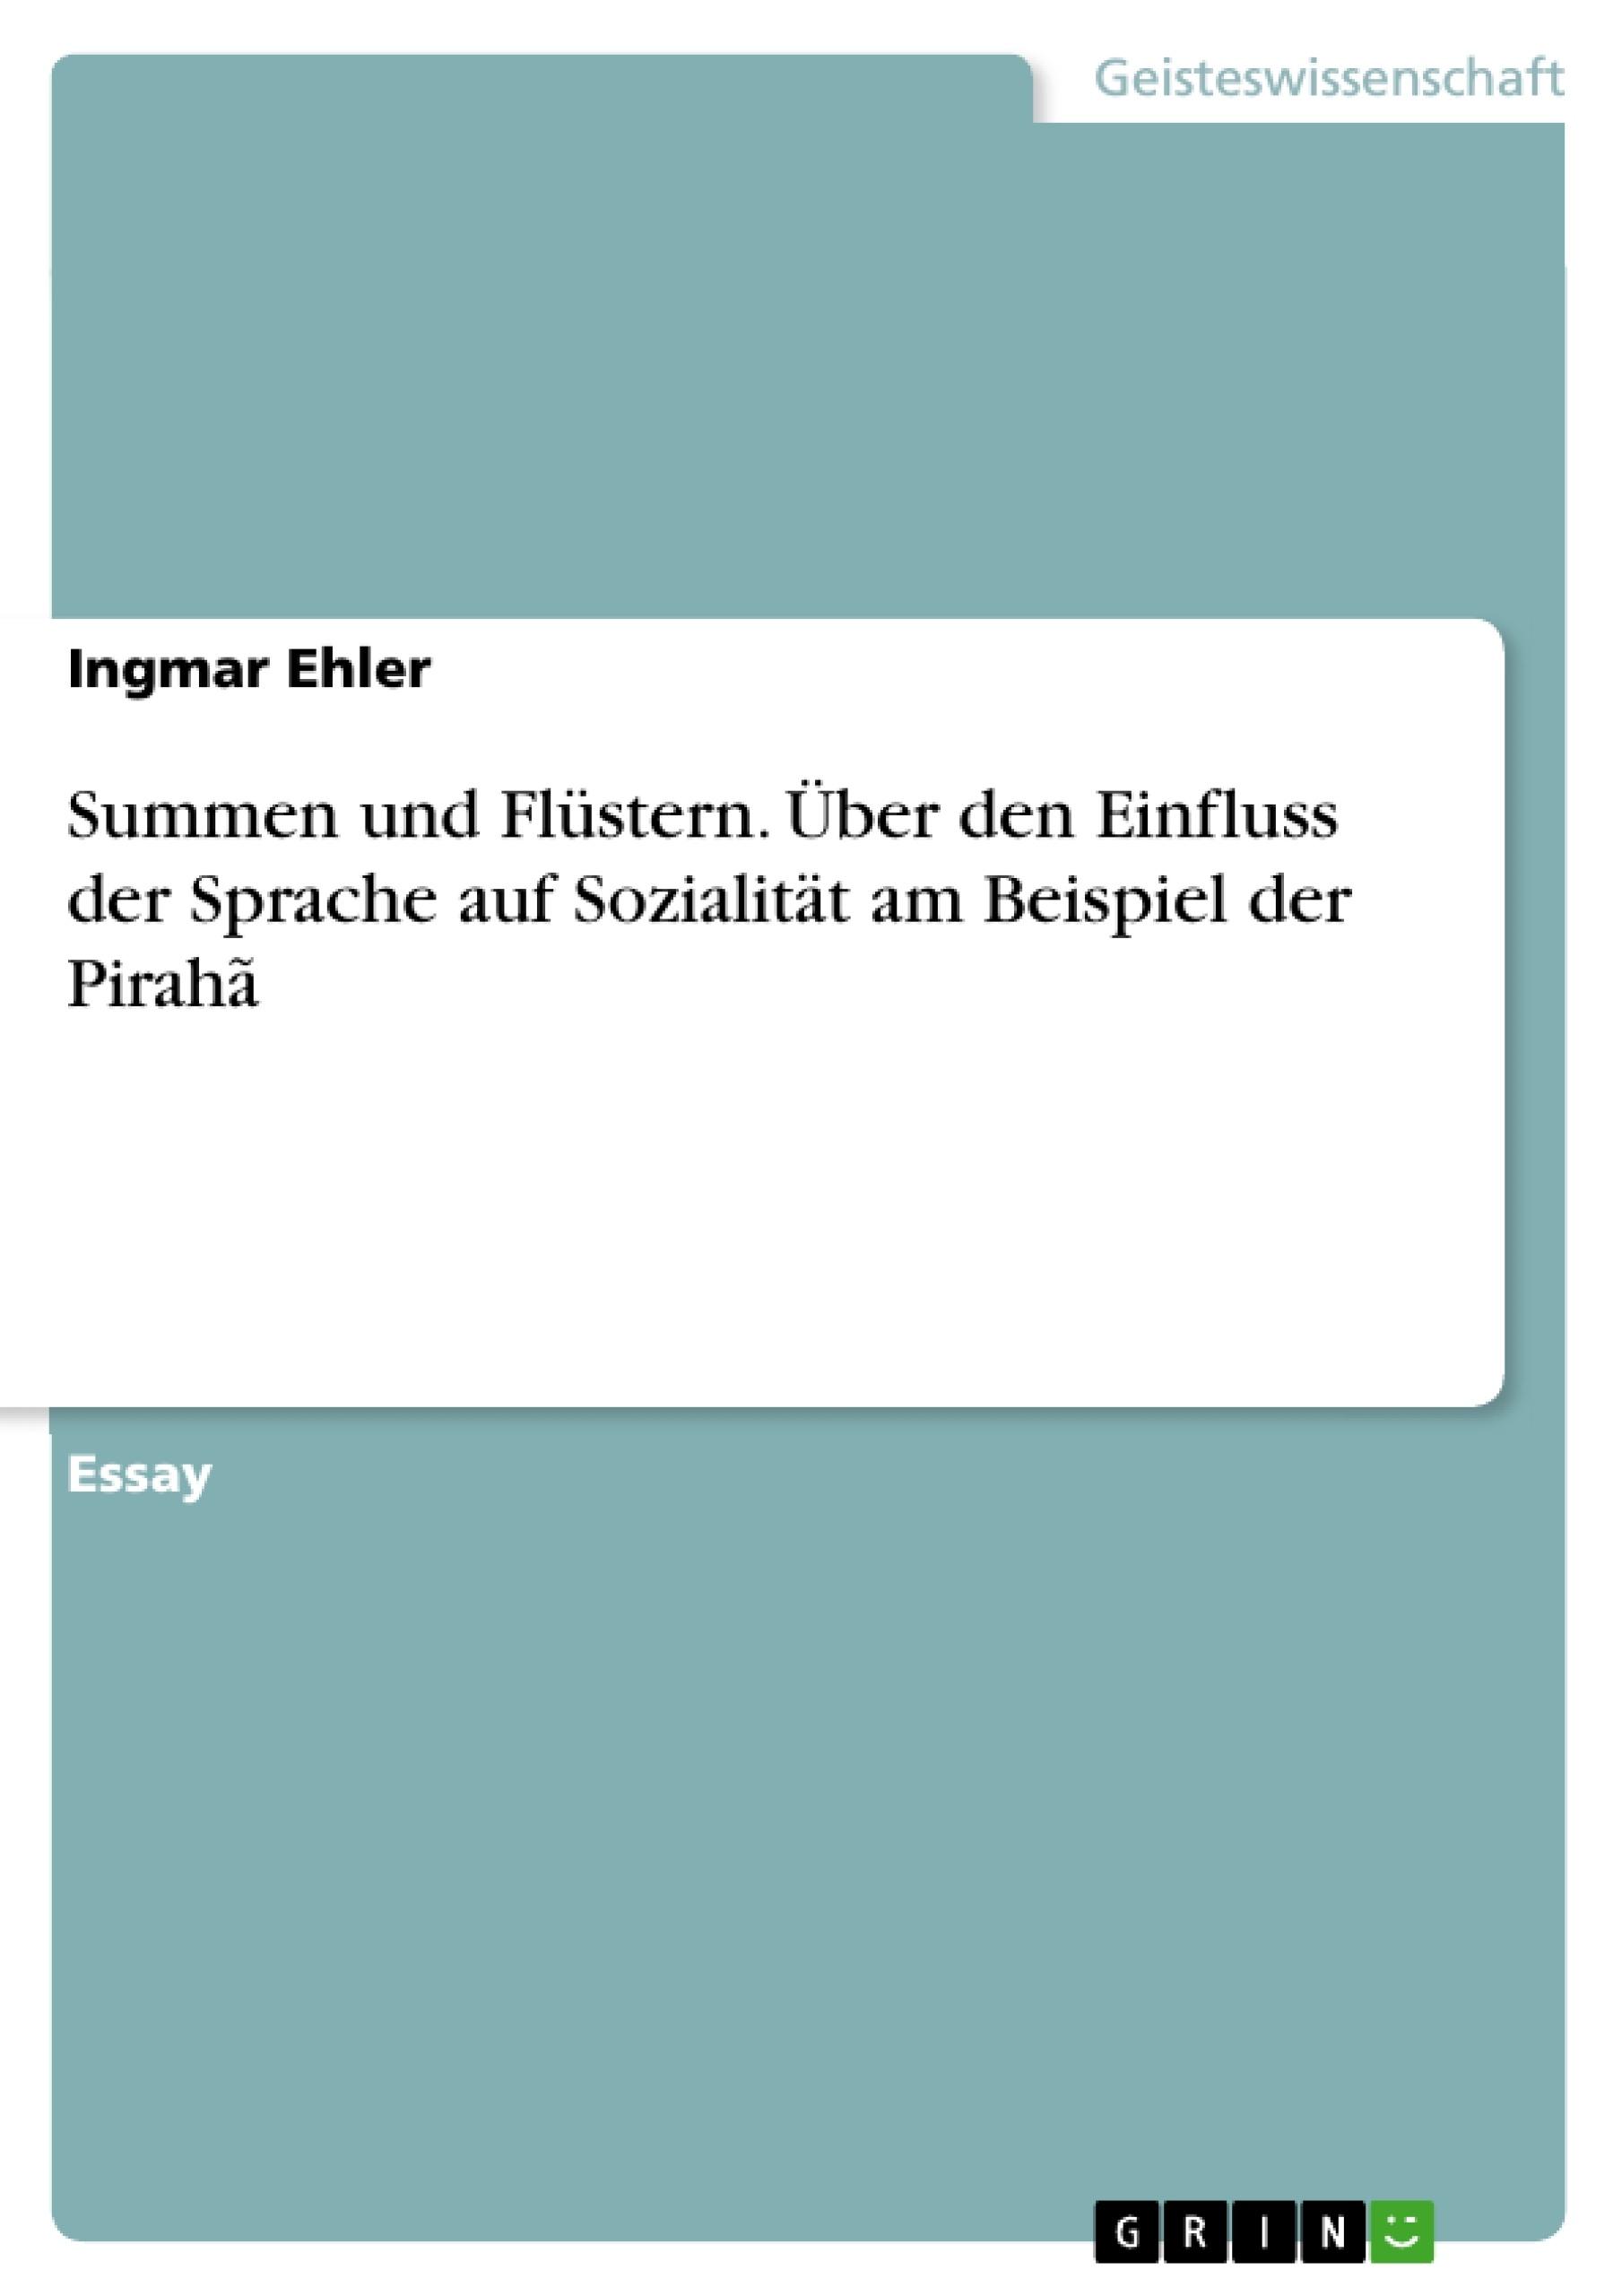 Titel: Summen und Flüstern. Über den Einfluss der Sprache auf Sozialität am Beispiel der Pirahã